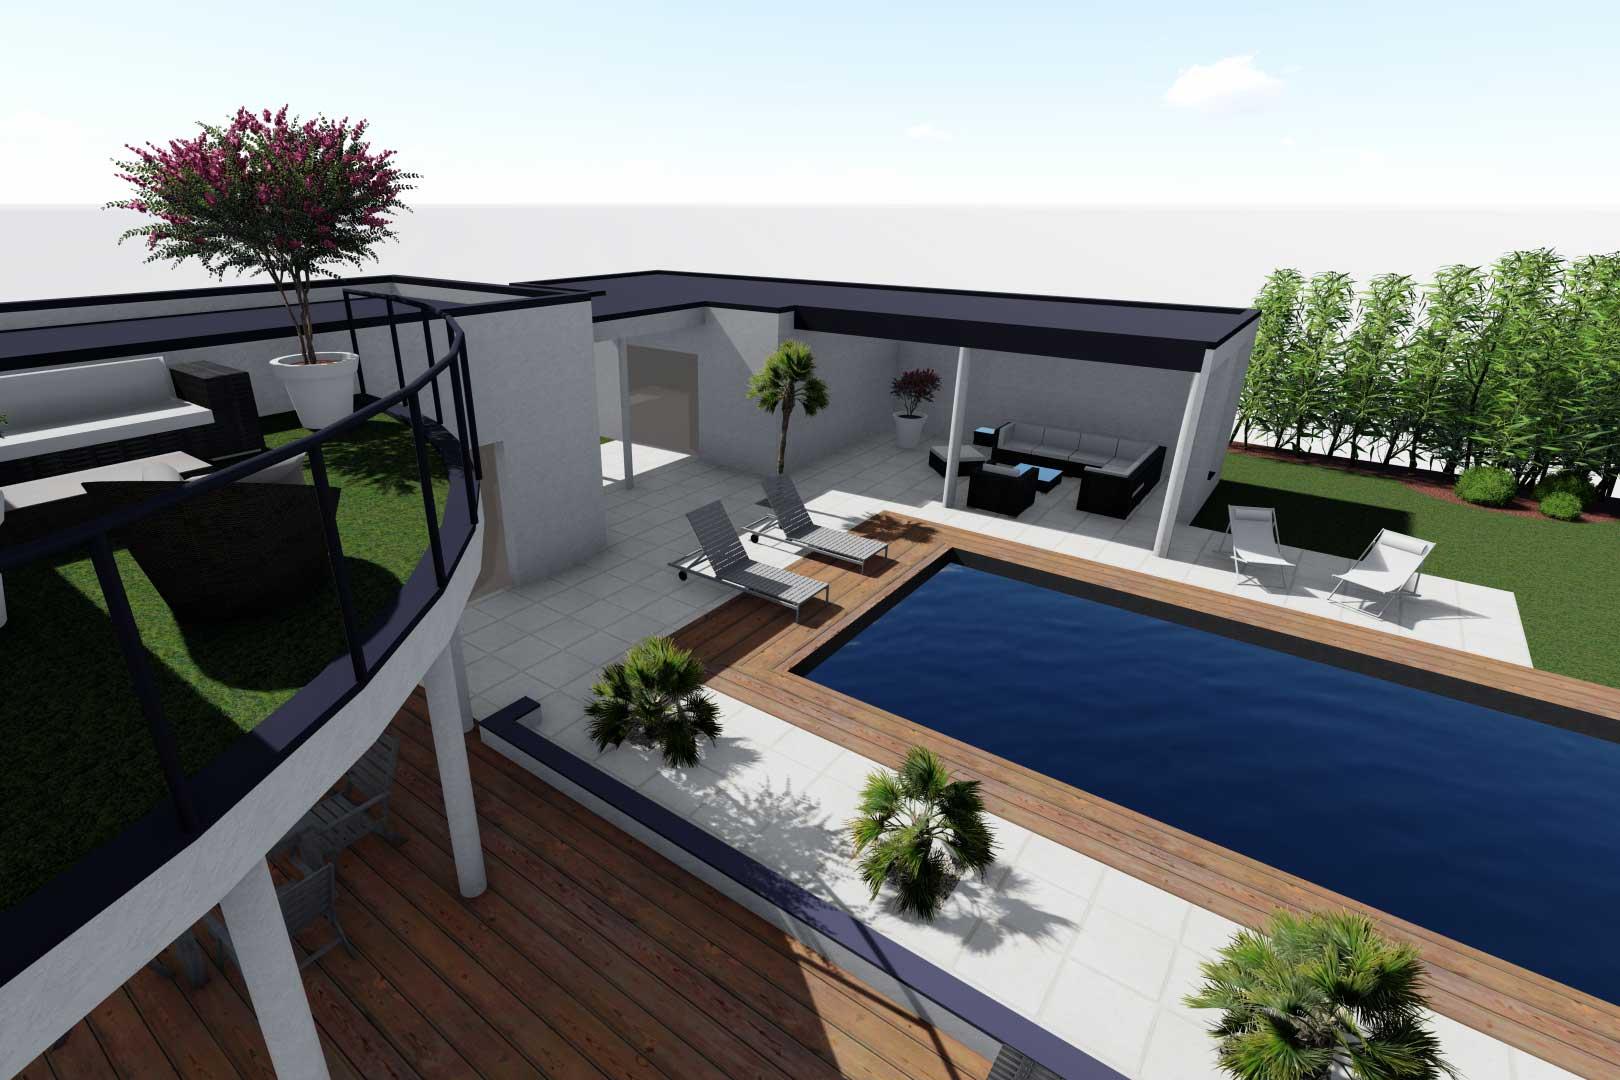 Serrault Jardins réalise des terrasses bois et abords de piscine.